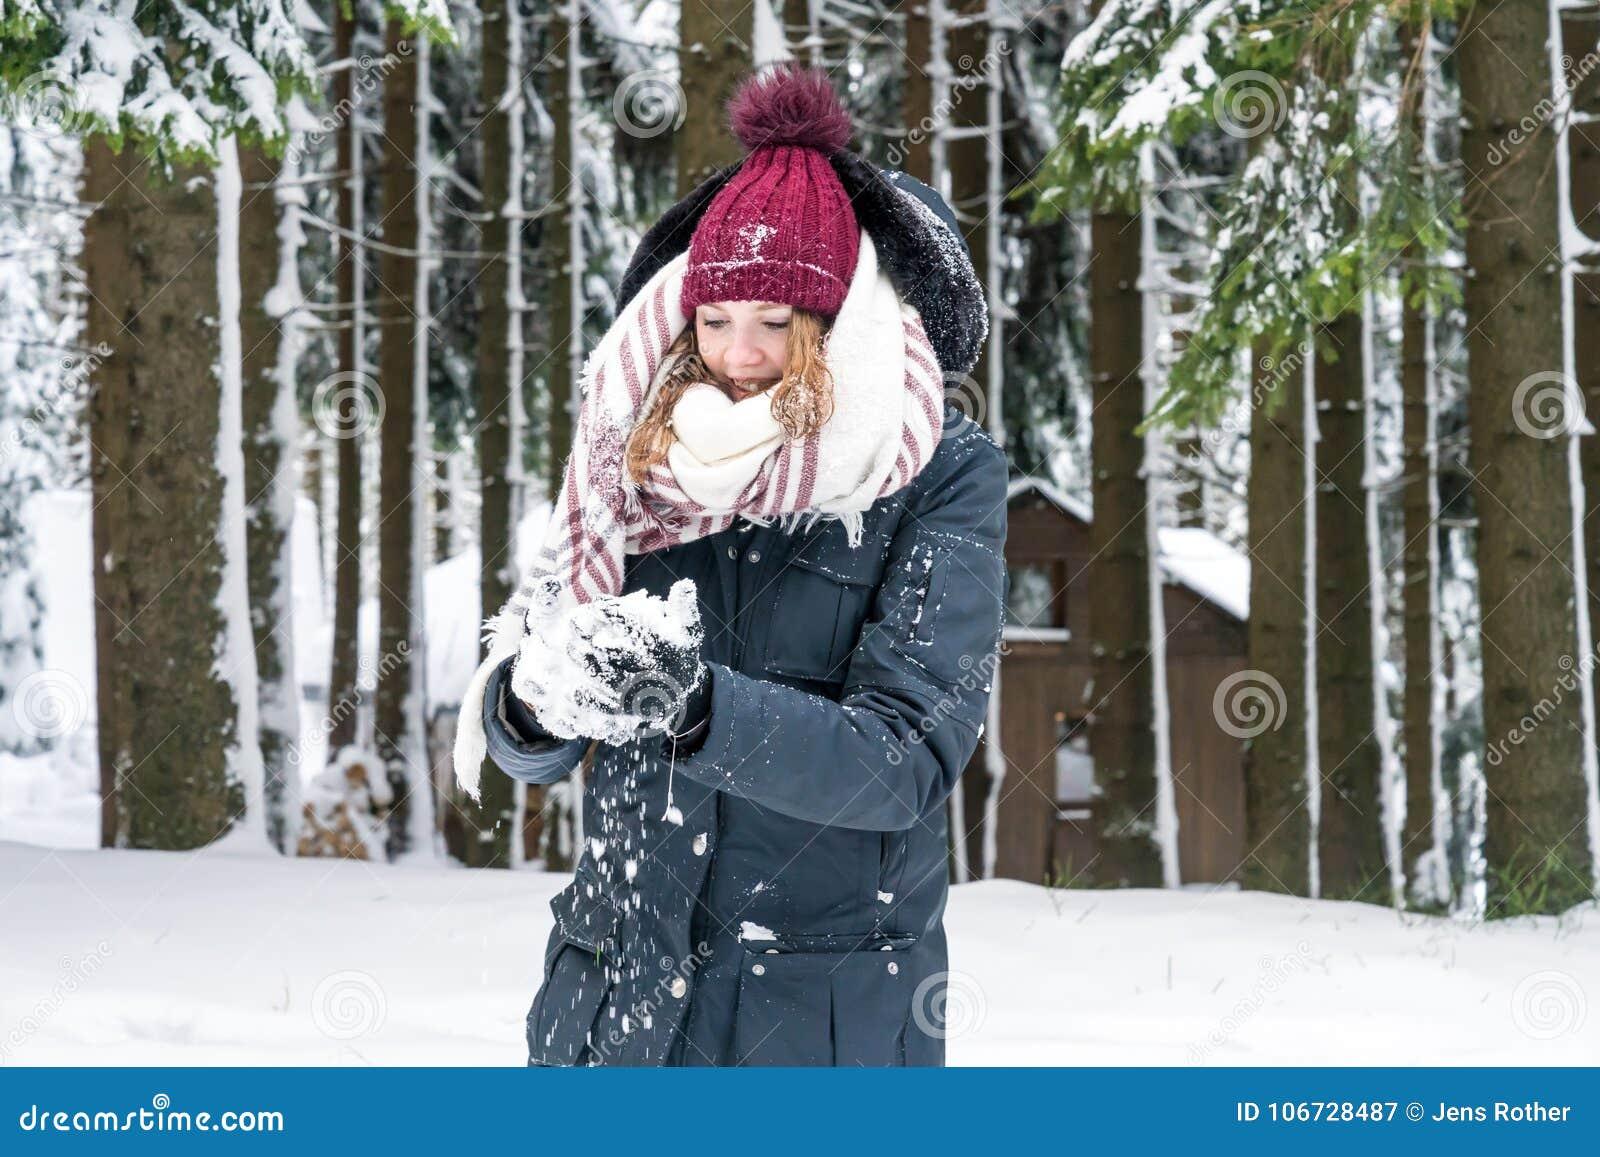 Молодая женщина имеет снежный ком в ее руке